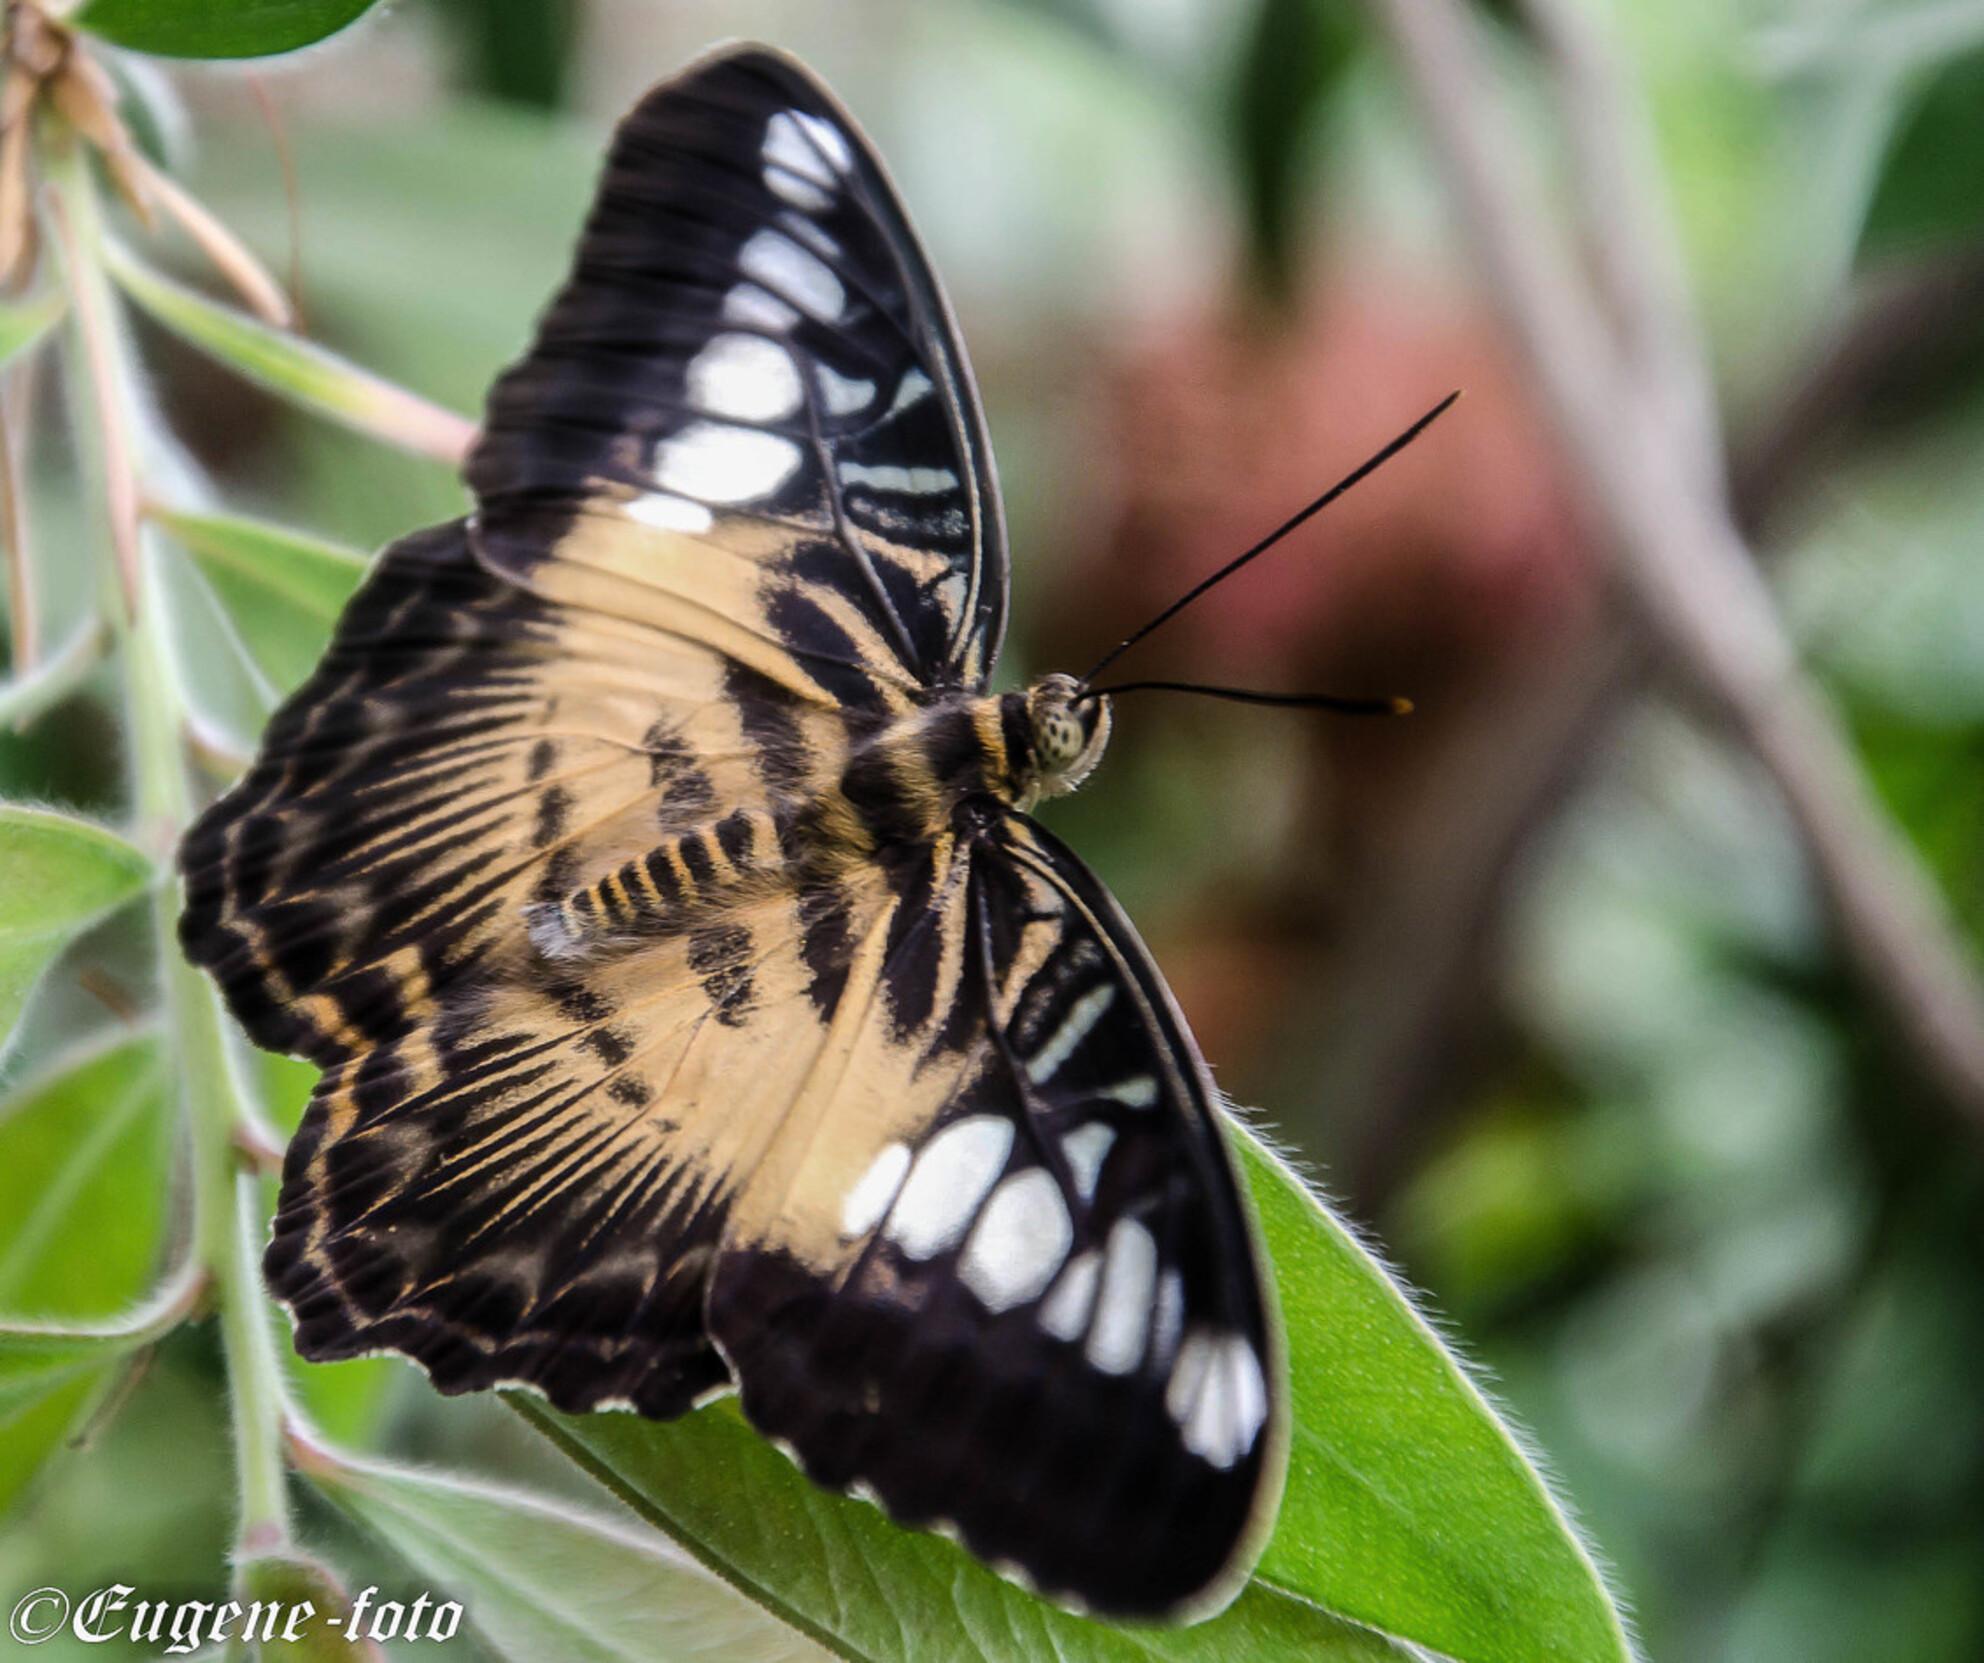 vlinder 9 - uit de vlindertuin Gemert waar de klant nog overspoeld wordt met info als men dat wil. Geert de beheerder is alle dagen aanwezig in de tuin om info  - foto door eugene-fotografie op 07-01-2018 - deze foto bevat: vlinder